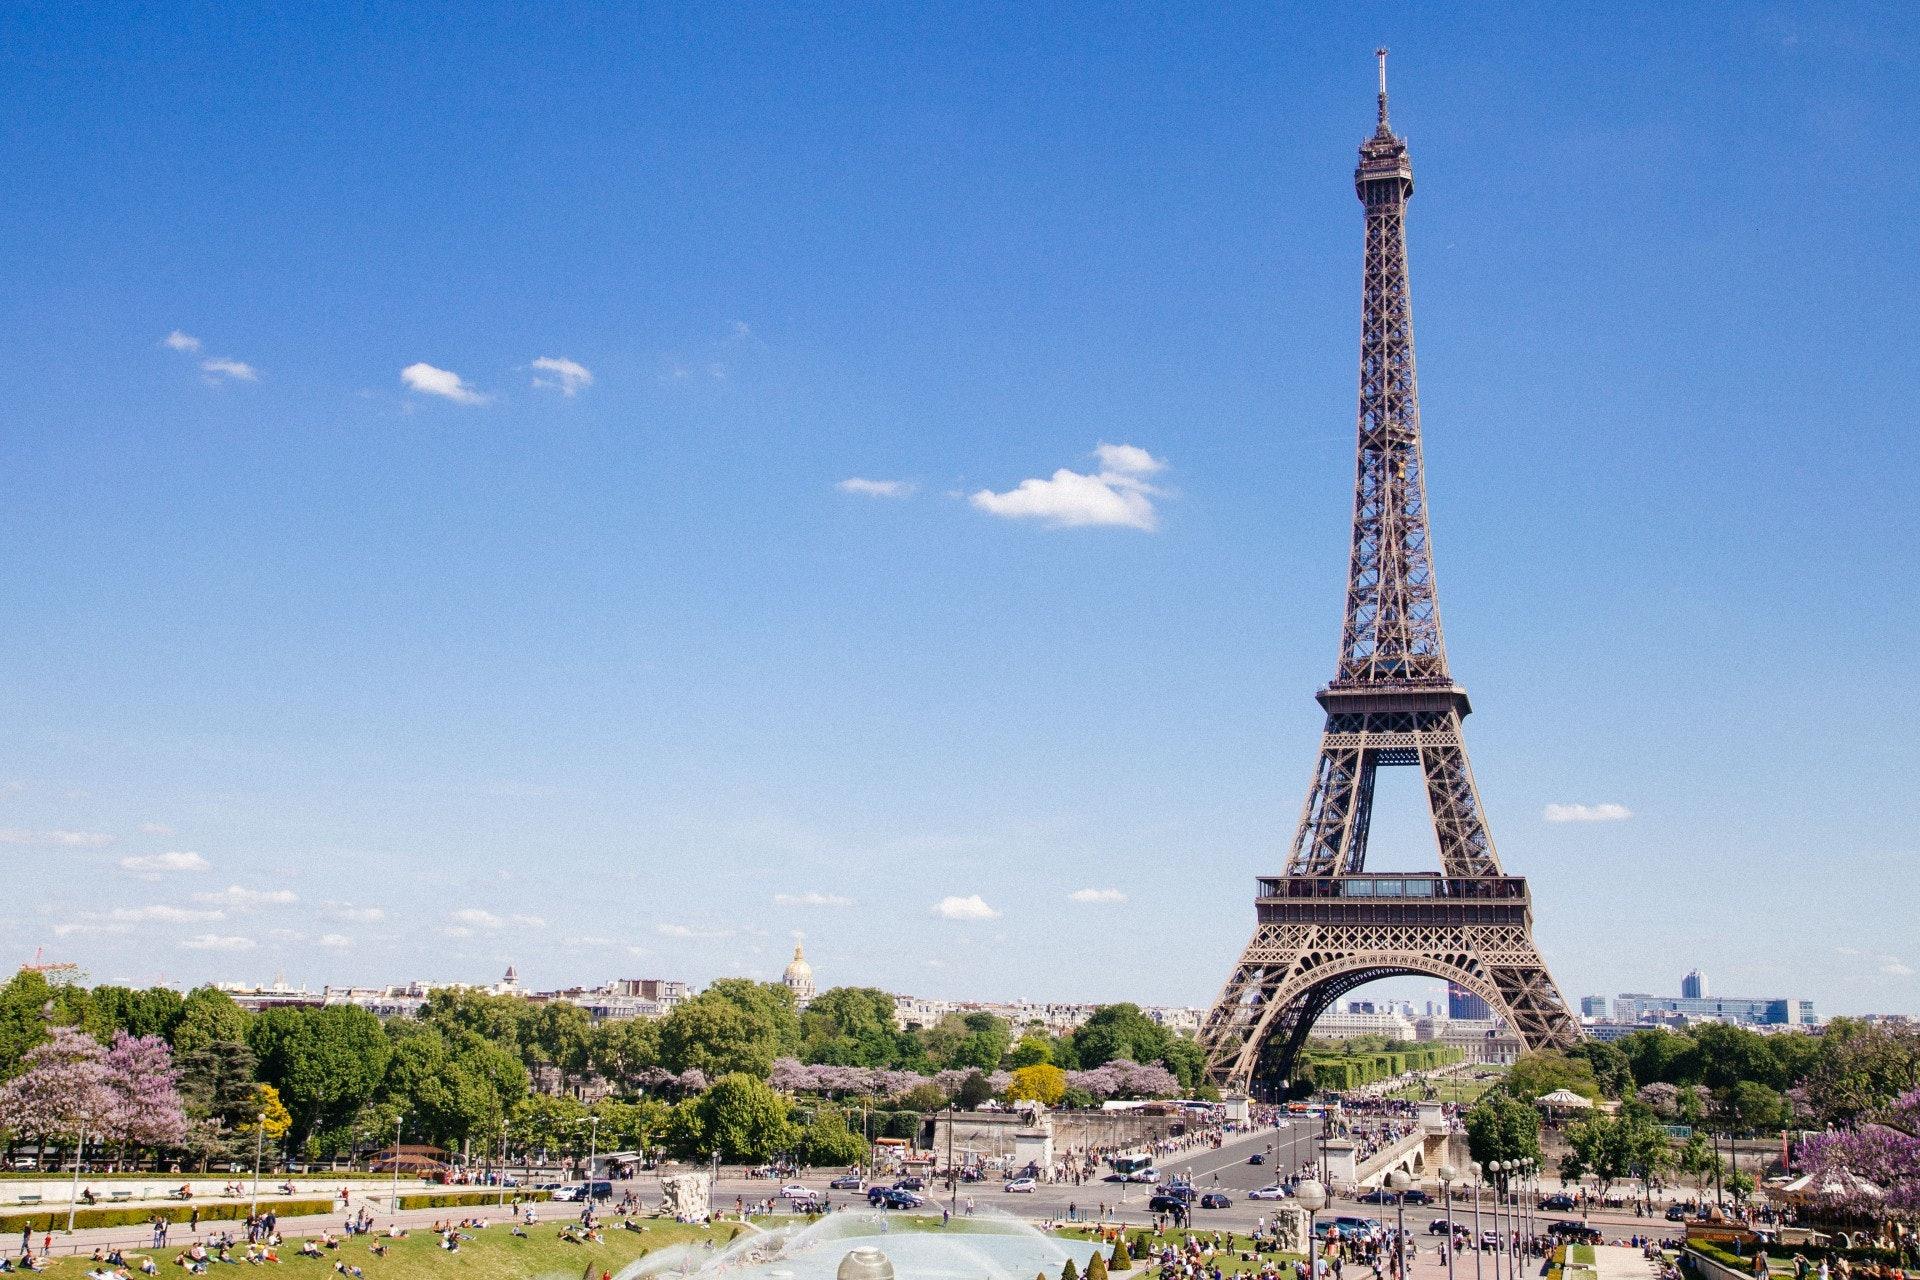 法國巴黎三日遊懶人包 逛盡6大著名景點兼推介住宿地區